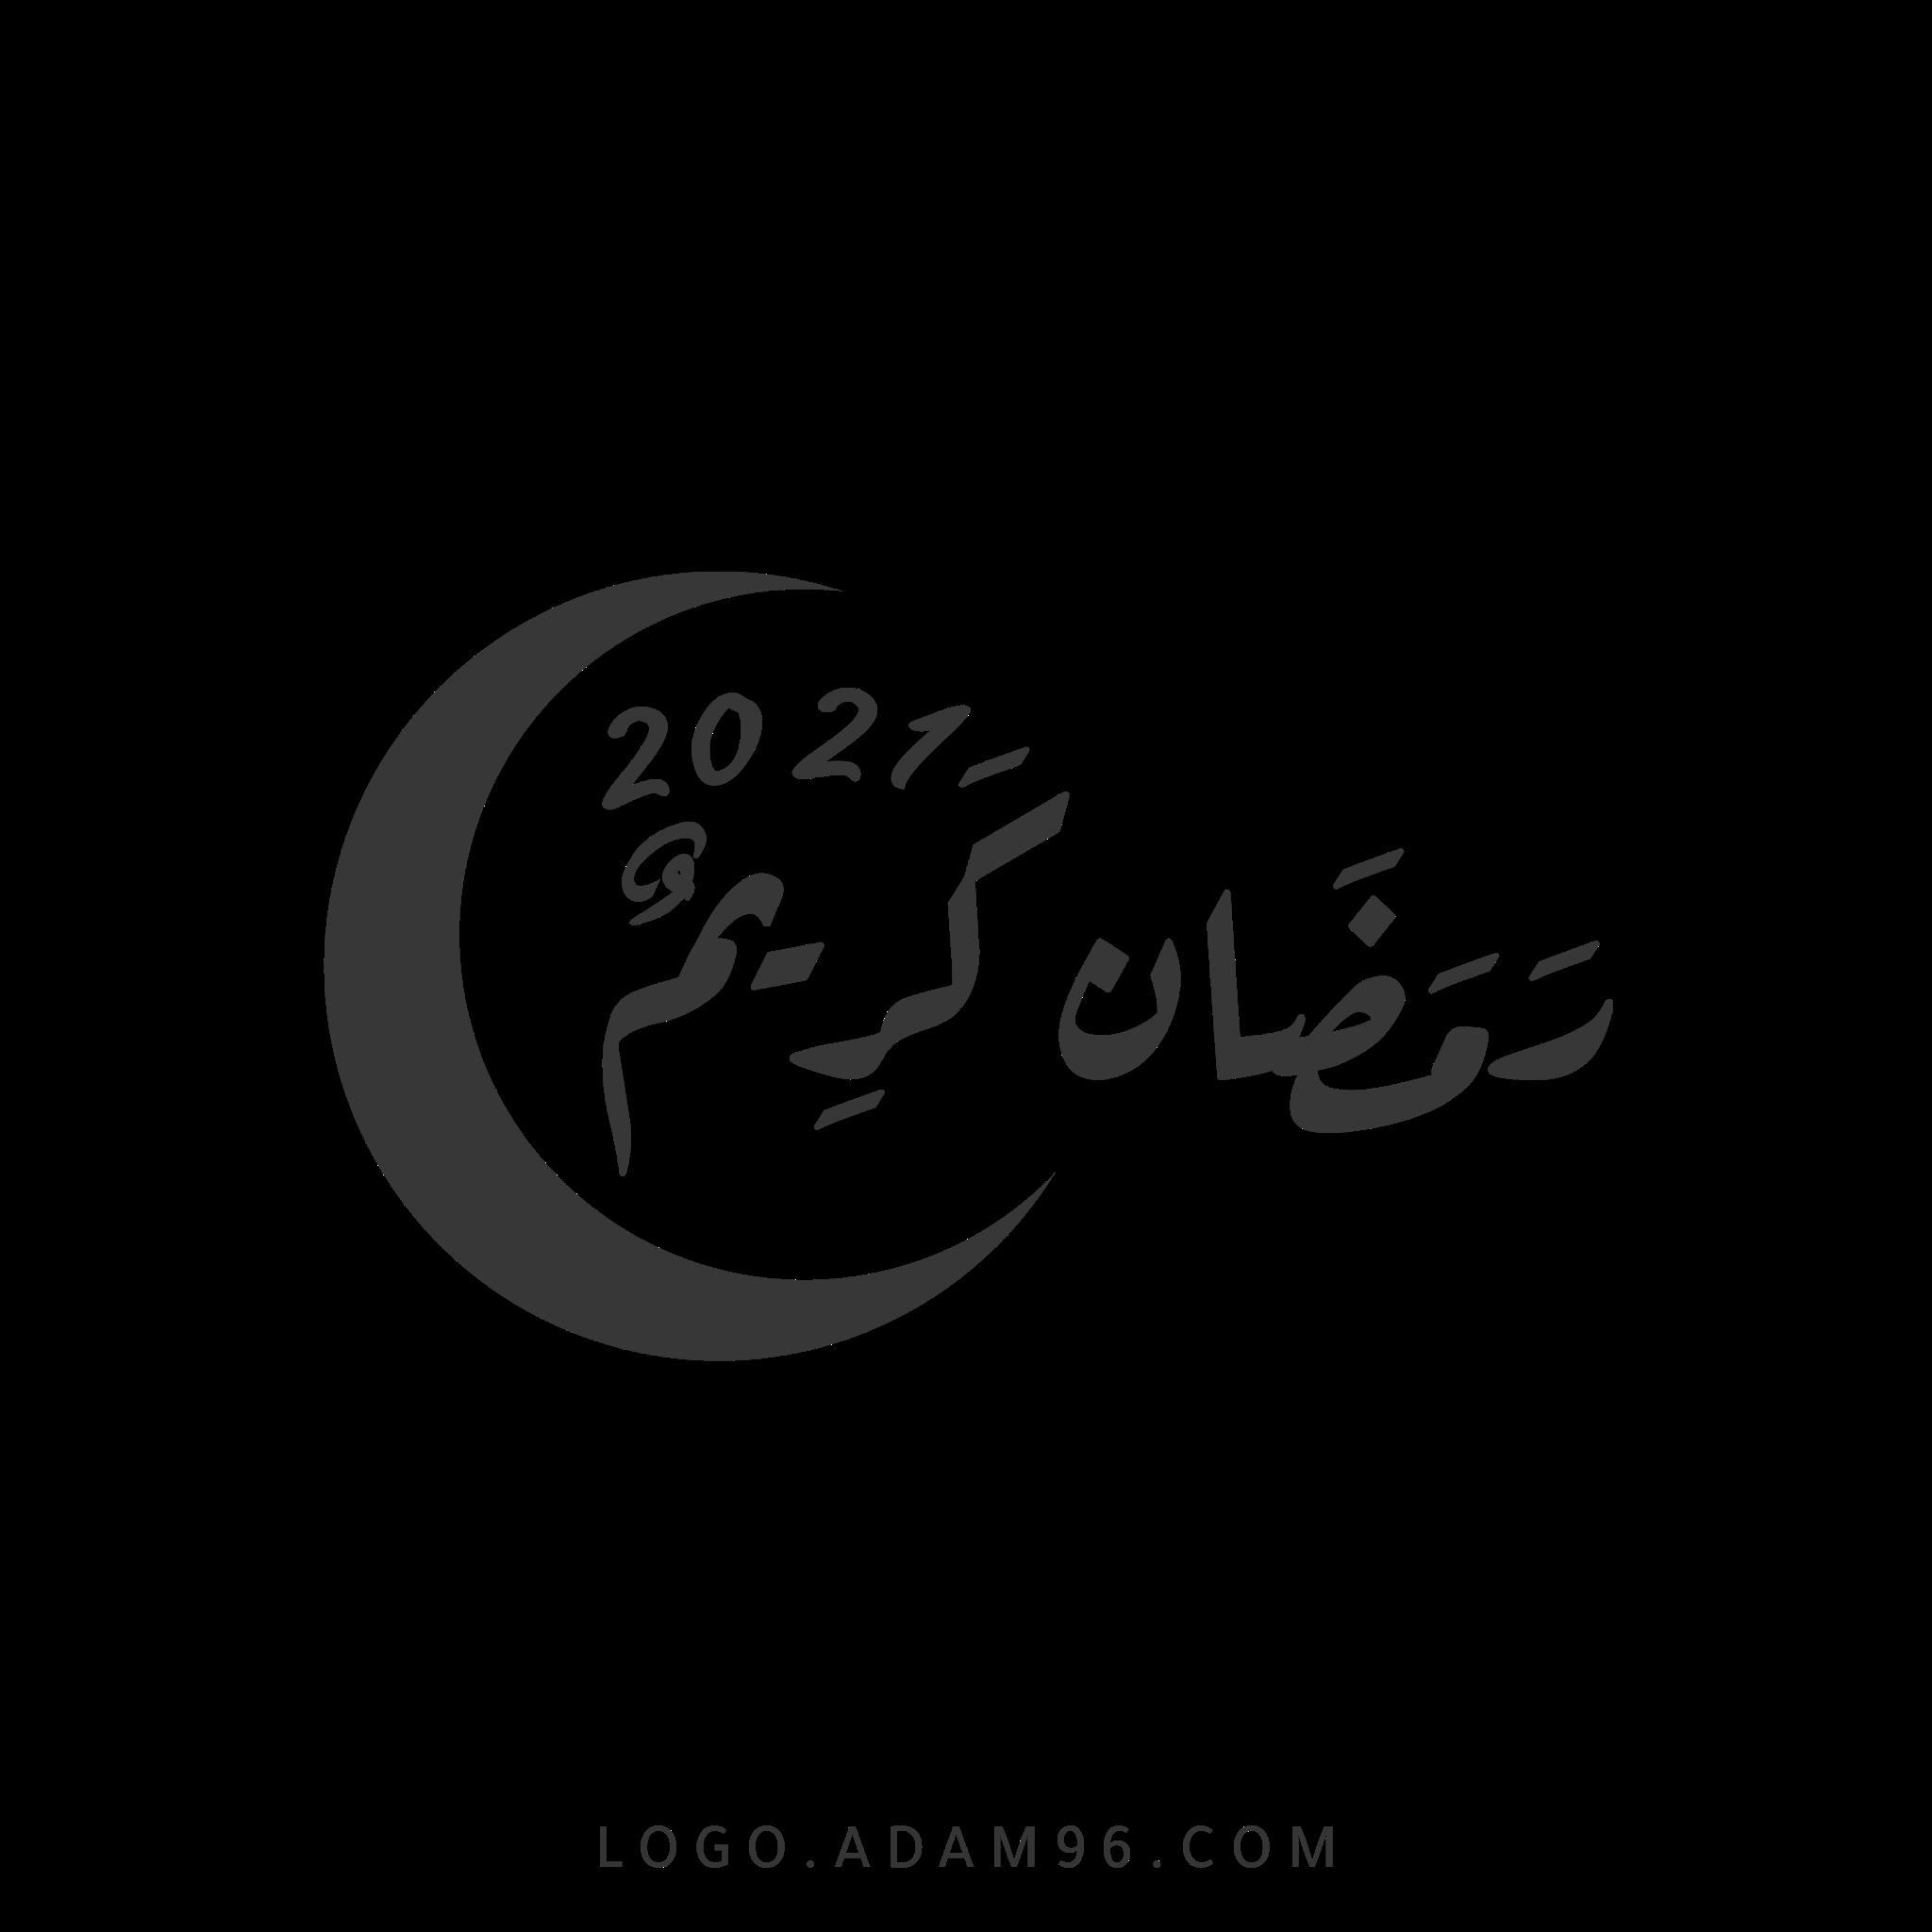 تحميل شعار رمضان كريم 2021 بصيغة شفافة PNG